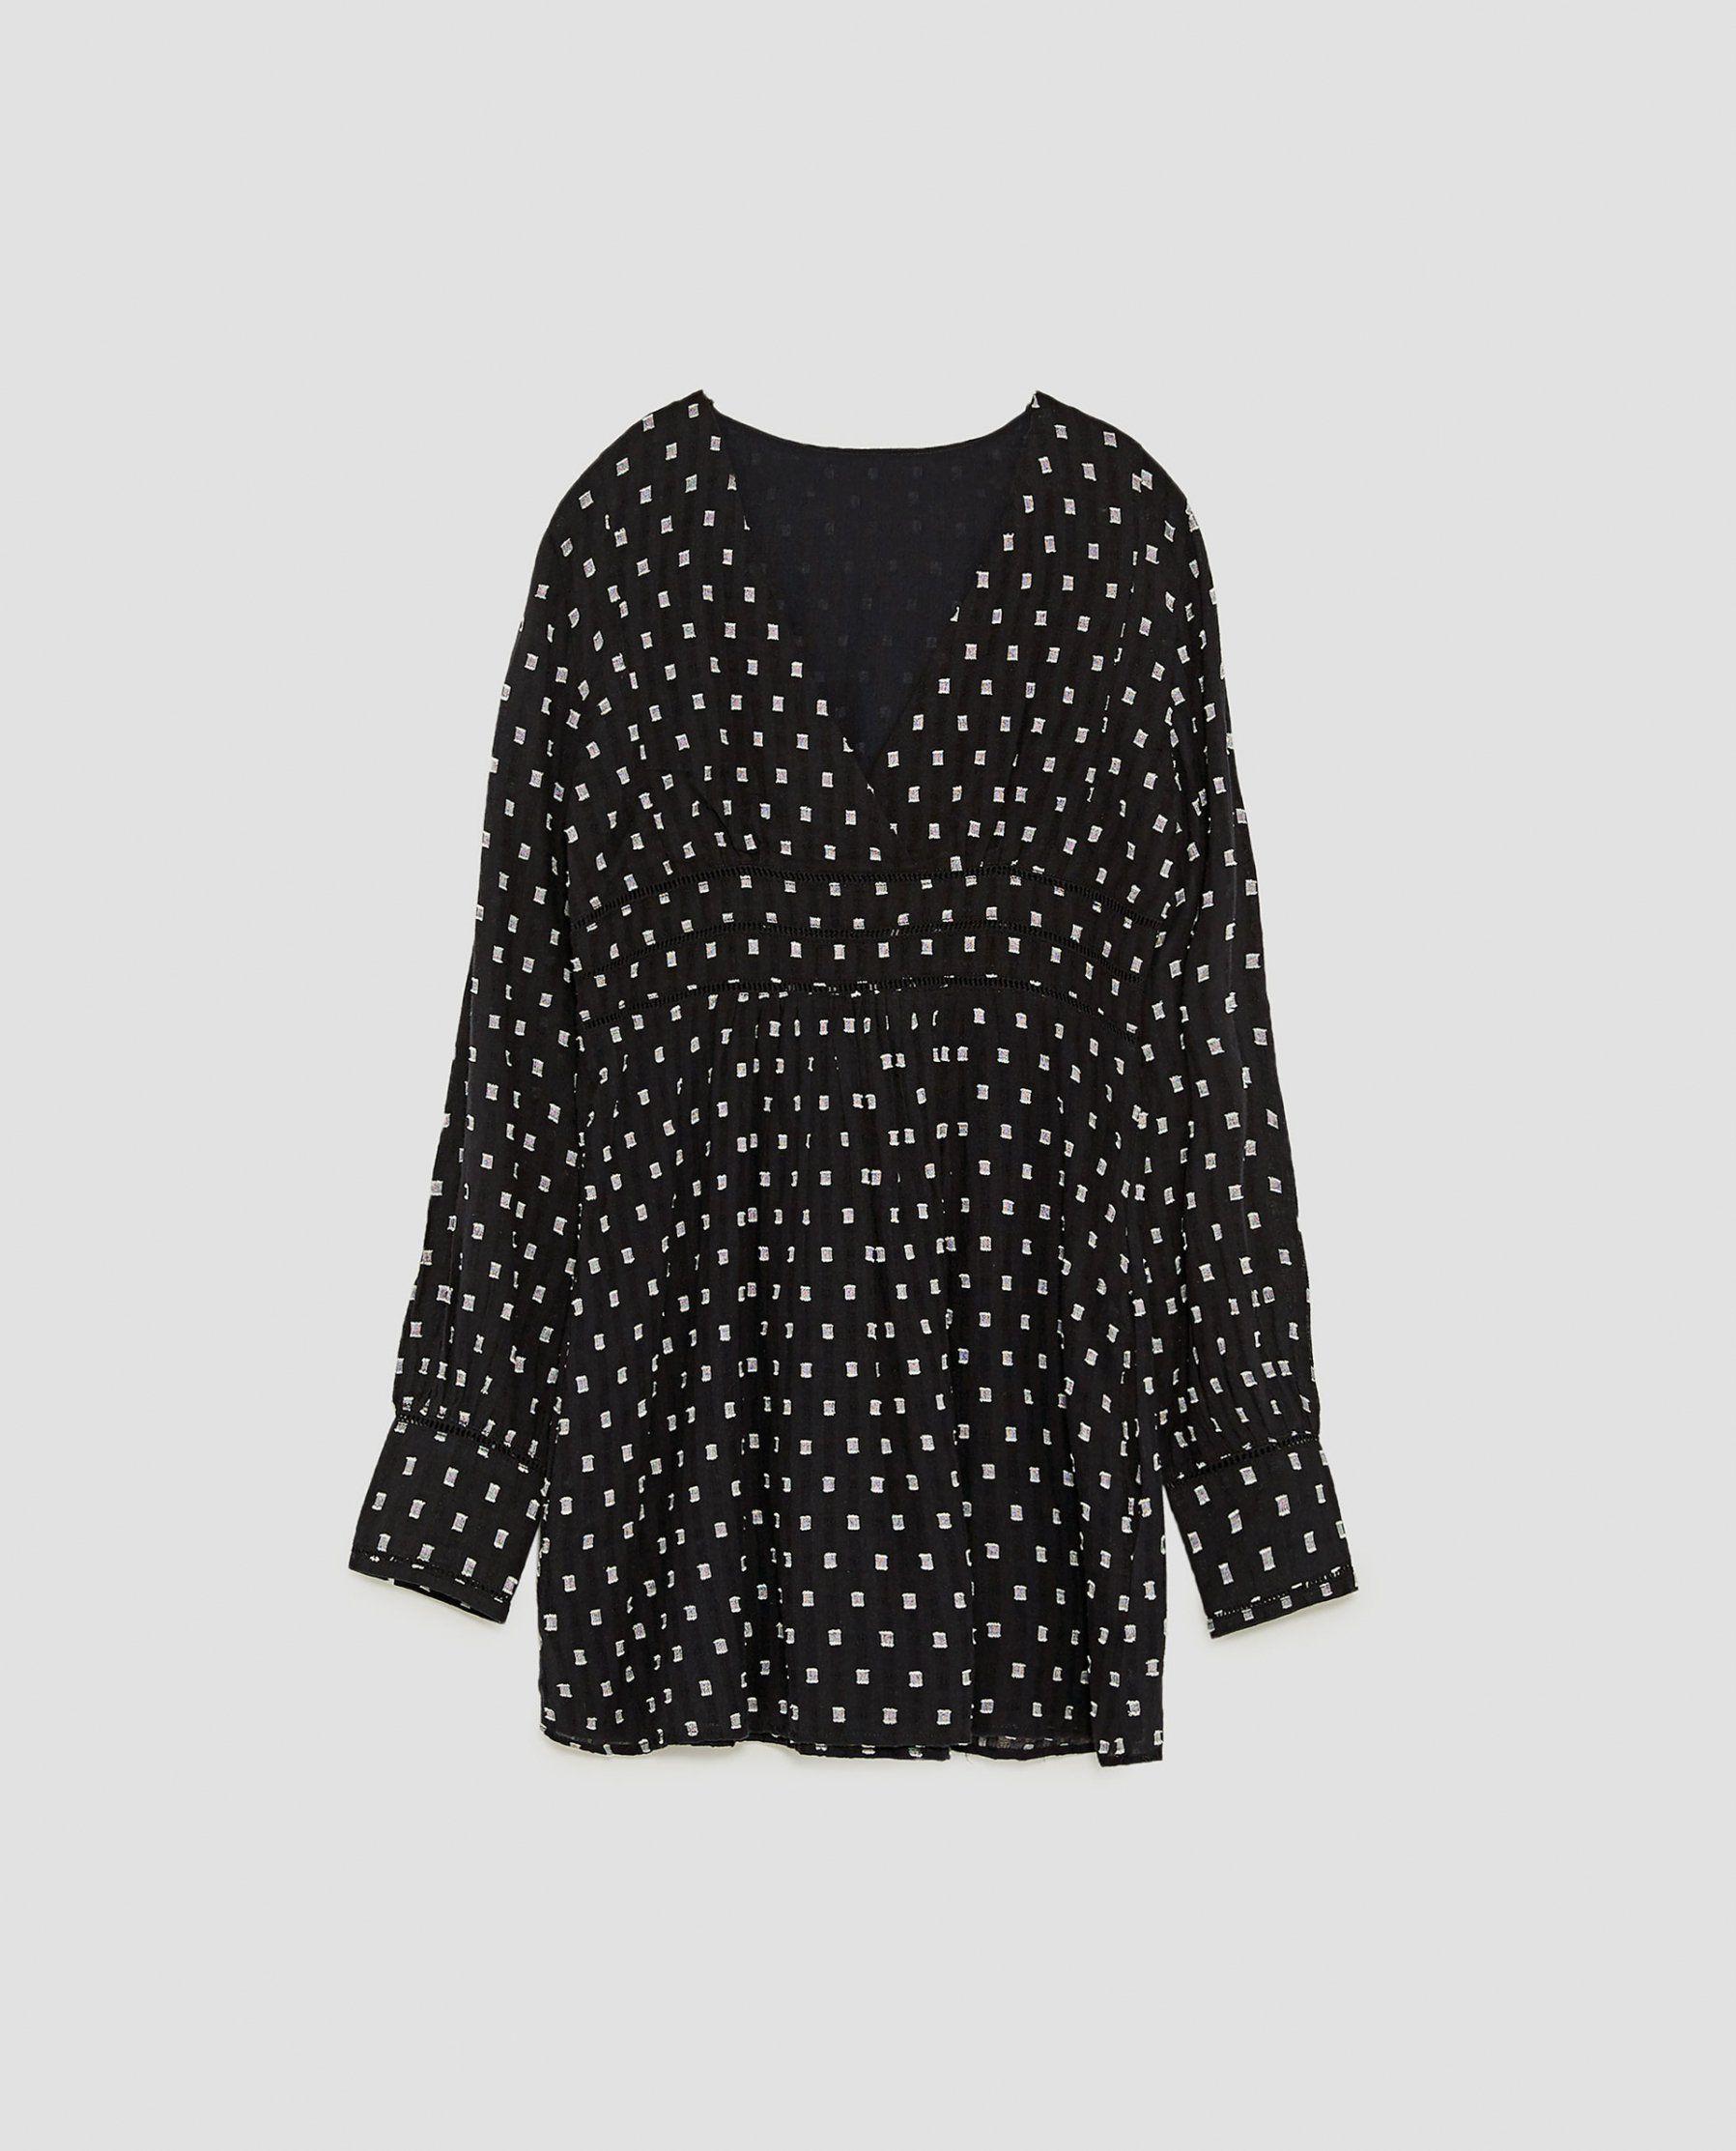 Zara collection hiver   35 pièces à shopper pour l hiver ... 23a17f72ce00